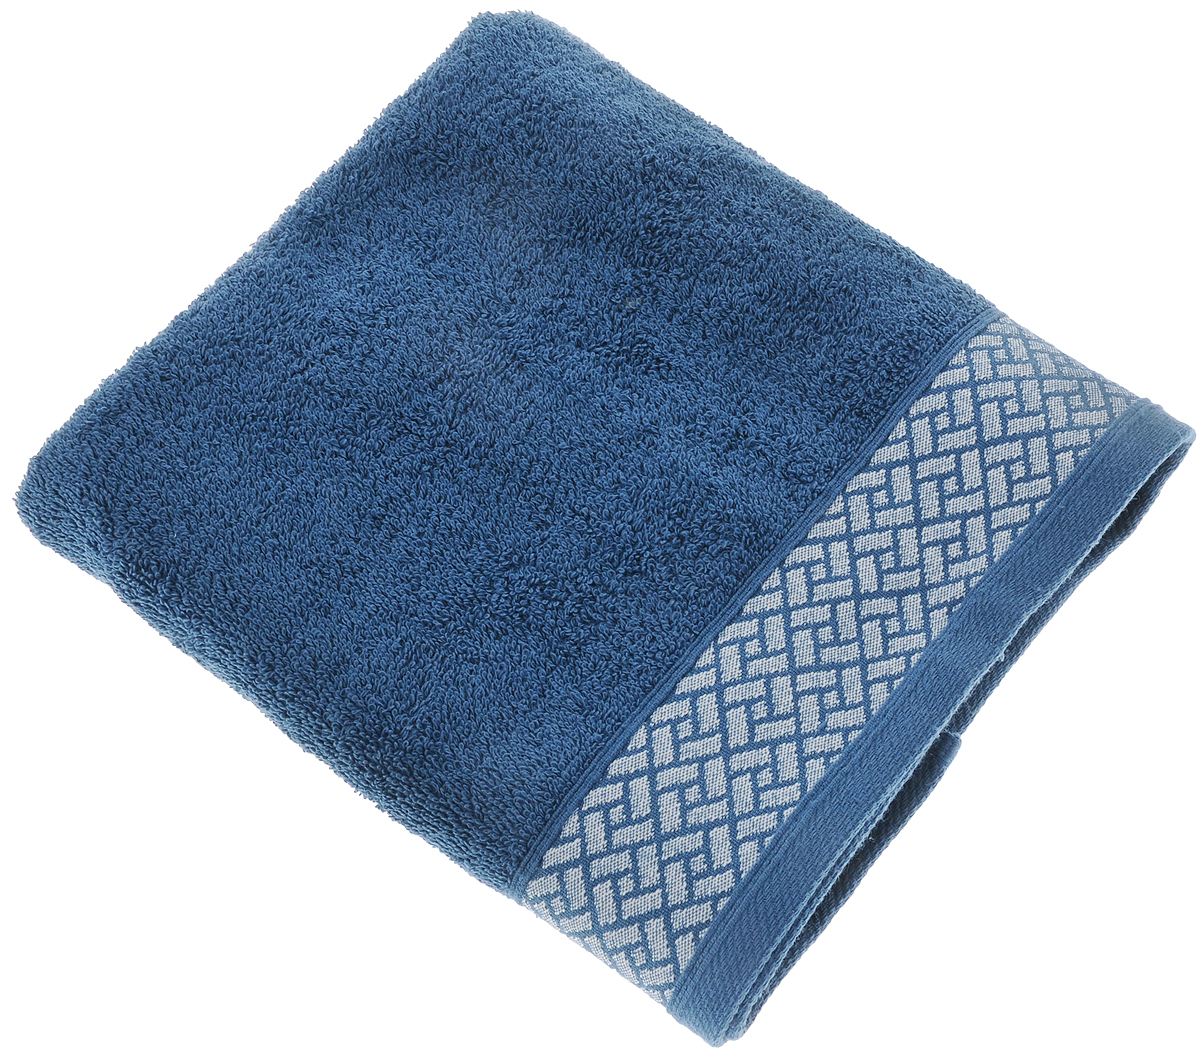 Полотенце Tete-a-Tete Лабиринт, цвет: синий, 50 х 90 смУП-009-04кПолотенце Tete-a-Tete Лабиринт выполнено из 100% хлопка. Изделие отлично впитывает влагу, быстро сохнет, сохраняет яркость цвета и не теряет форму даже после многократных стирок. Такое полотенце очень практично и неприхотливо в уходе. Оно создаст прекрасное настроение и украсит интерьер в ванной комнате. Полотенце упаковано в красивую коробку и может послужит отличной идеей для подарка.